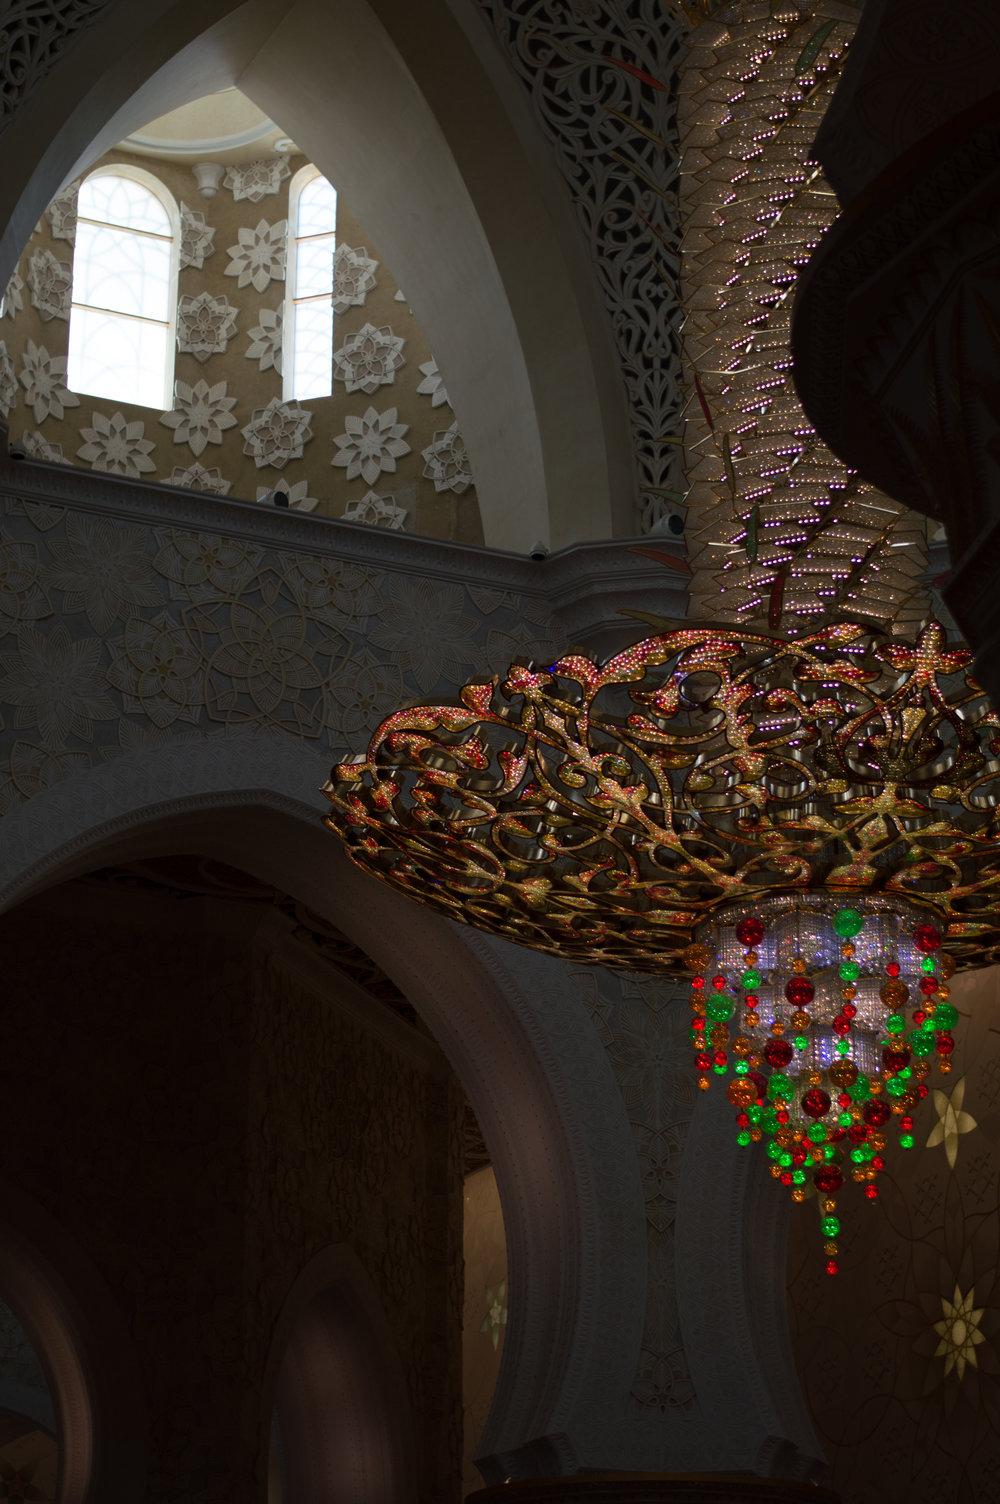 sheikhzayedmosquechandelier.jpg